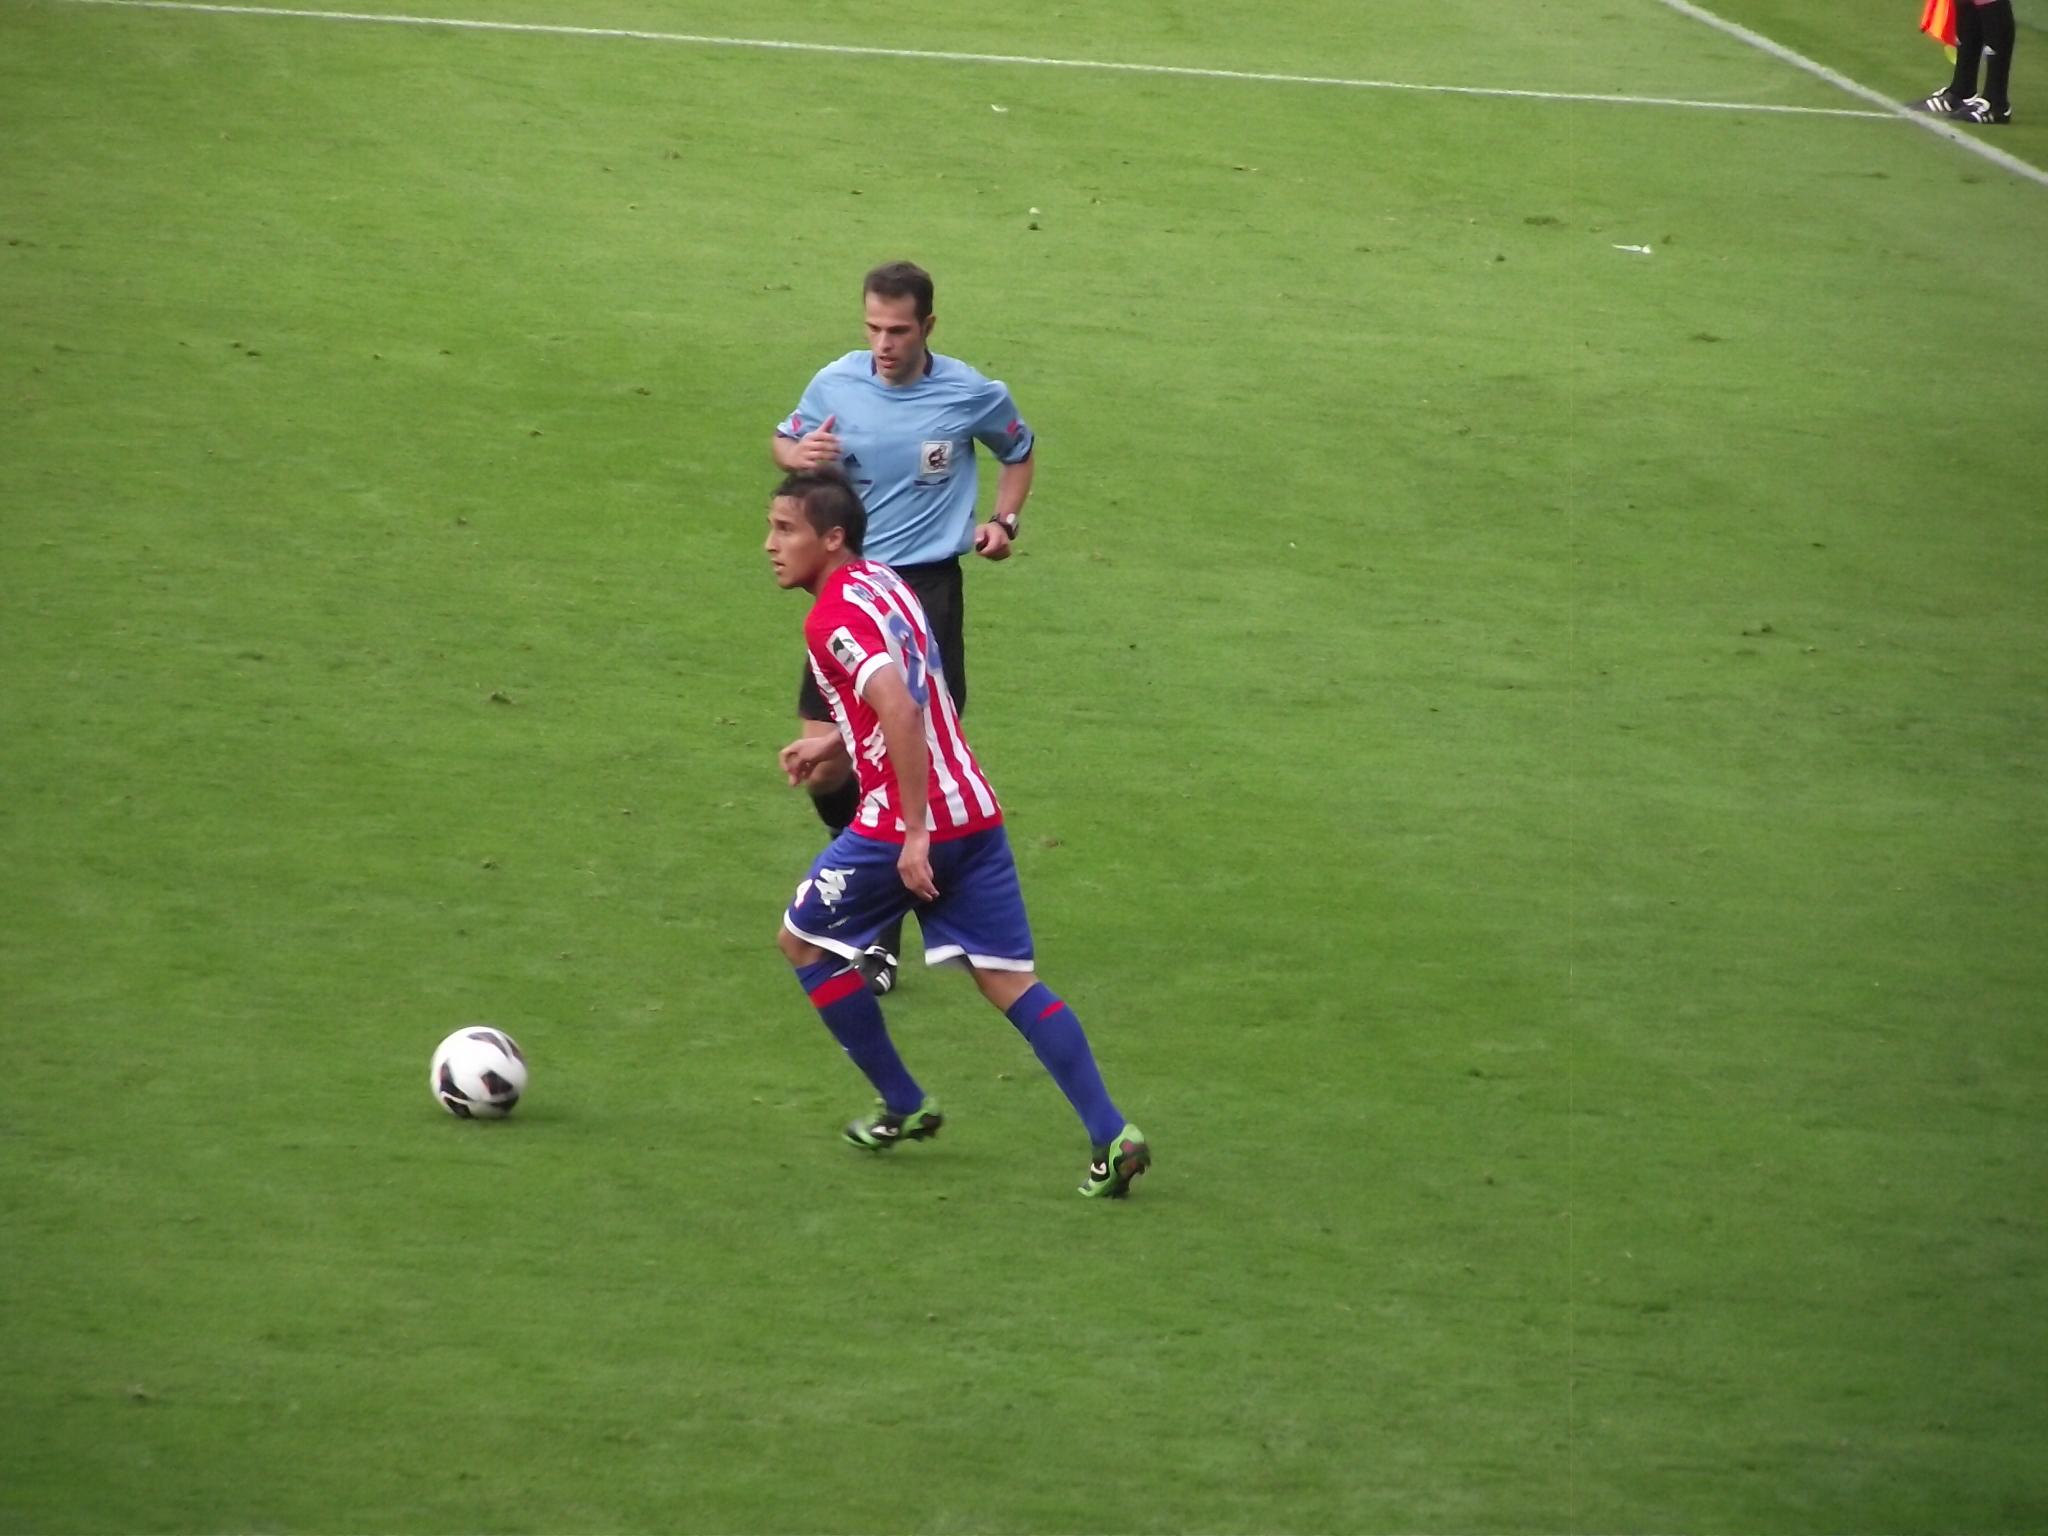 Sporting - Villarreal: puntuaciones del Sporting, jornada 8